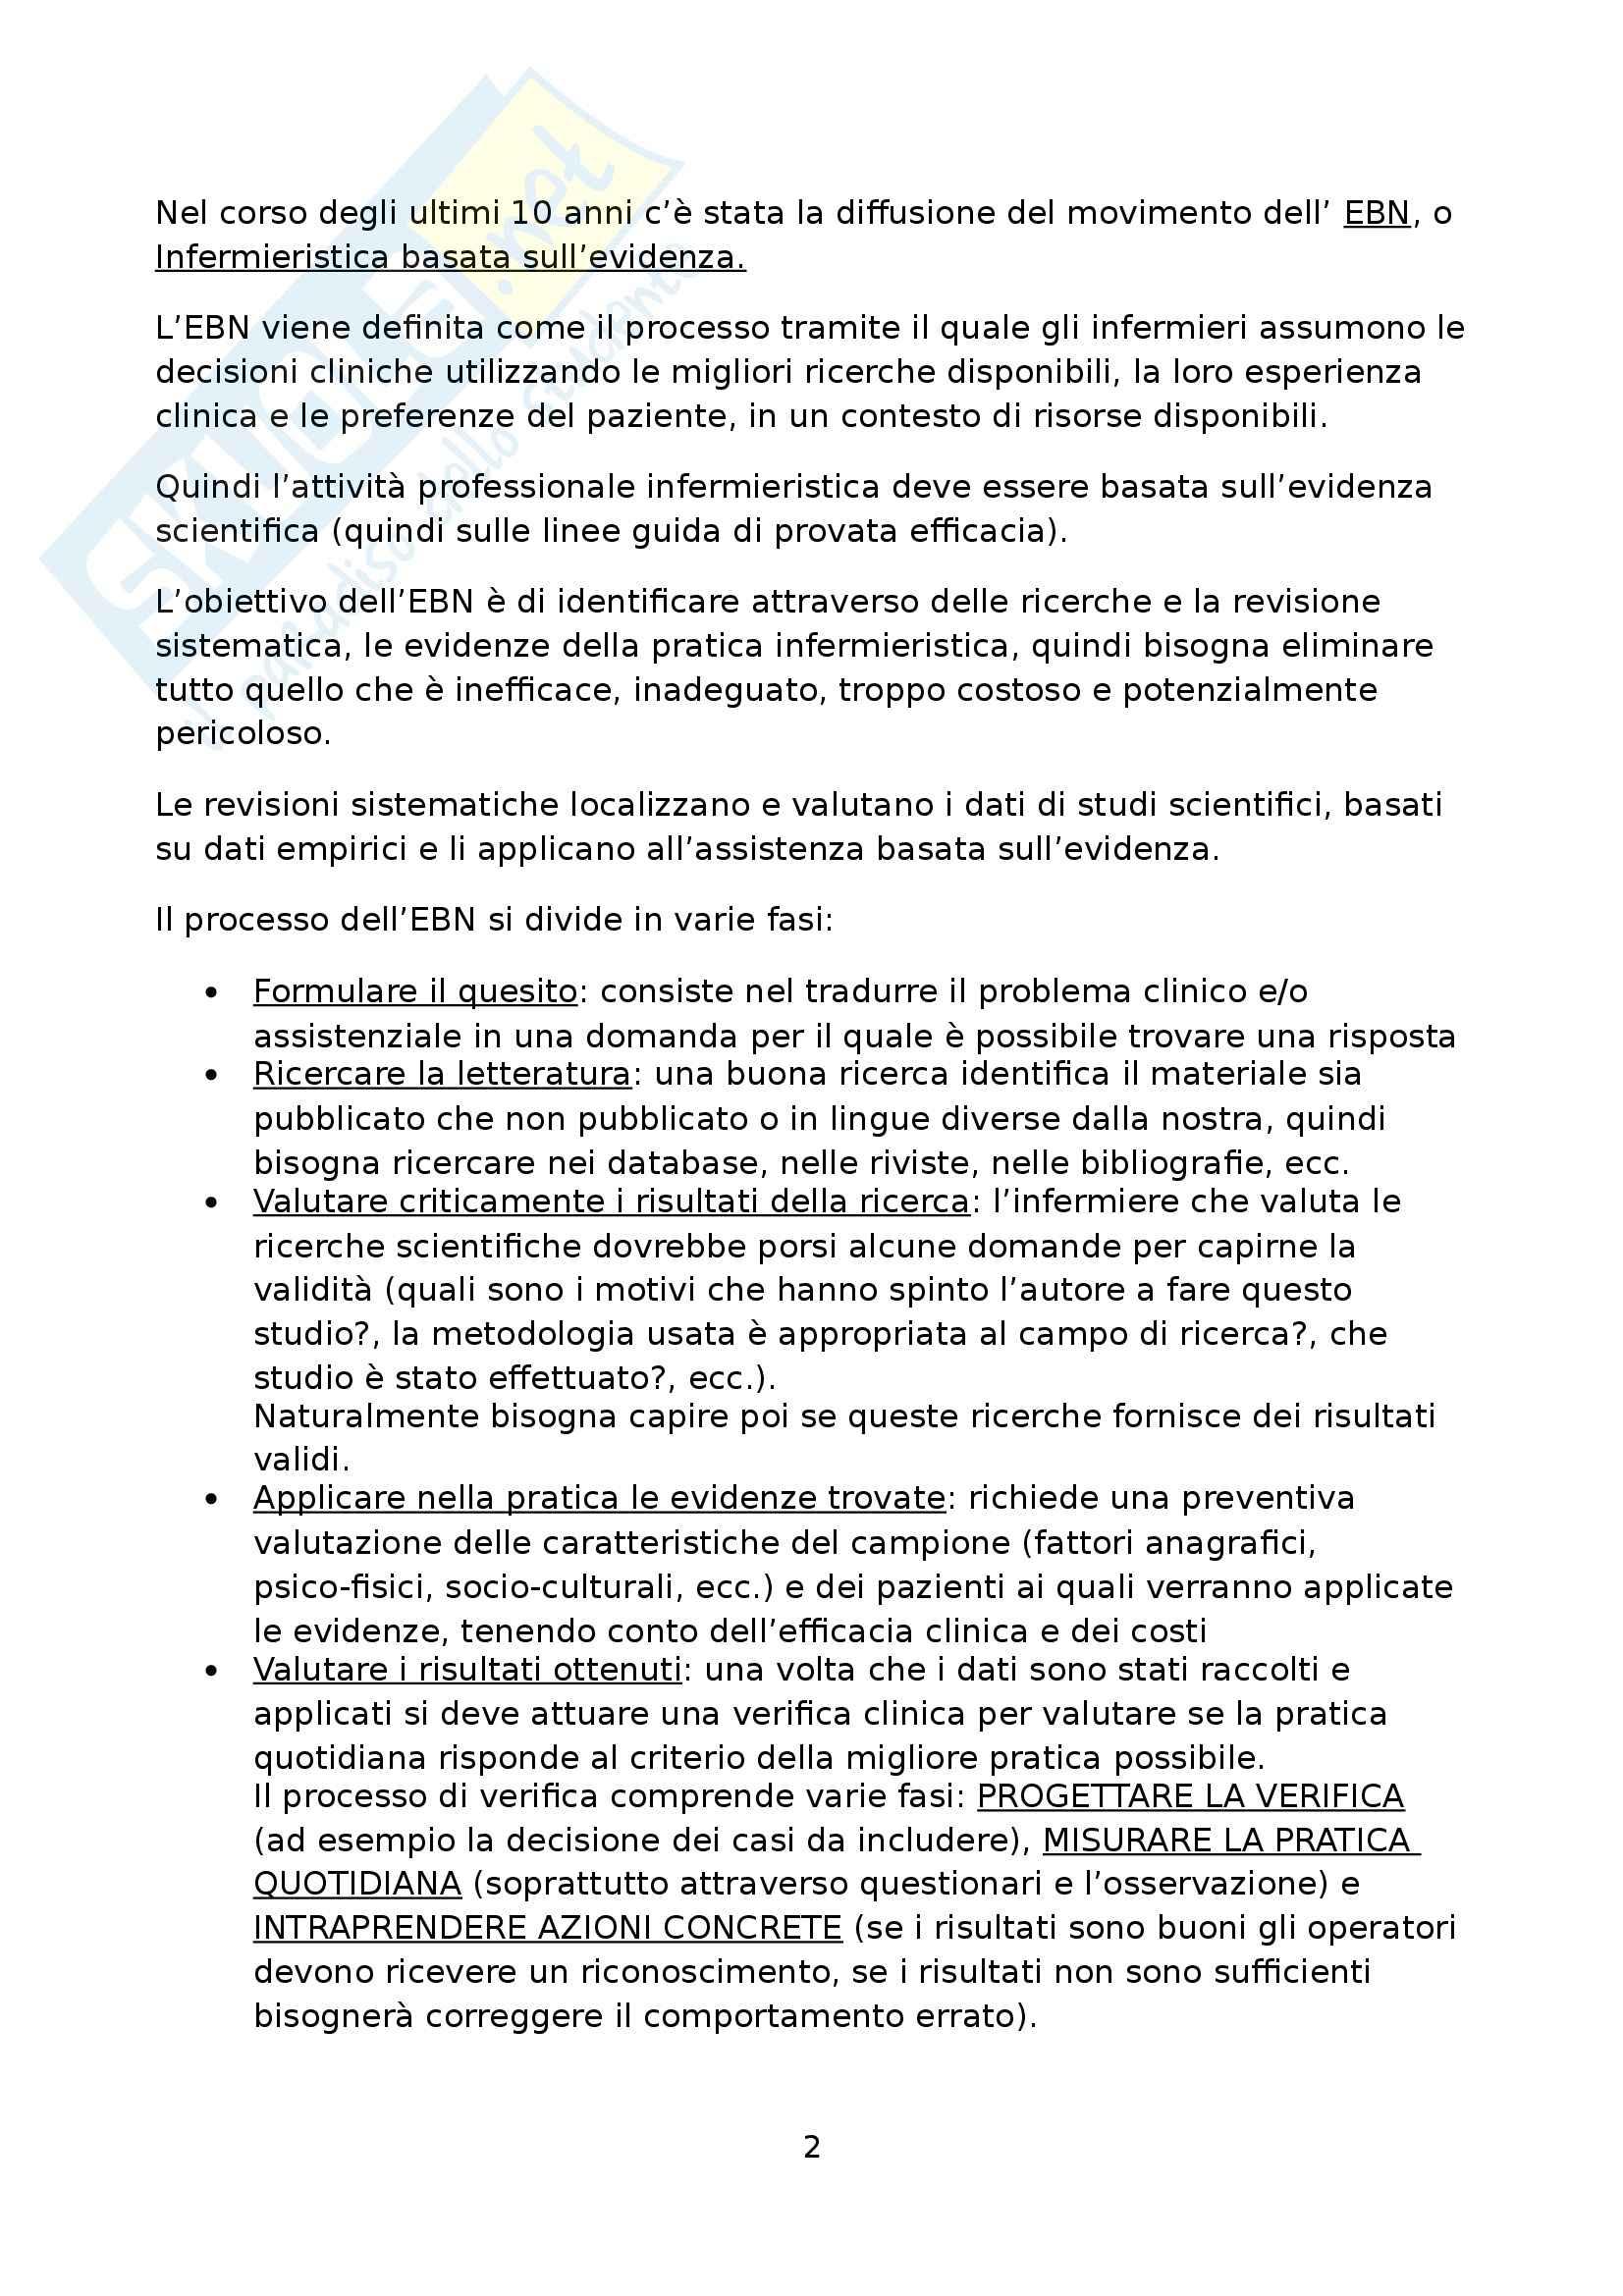 Infermieristica clinica III - Metodologia della ricerca Pag. 2